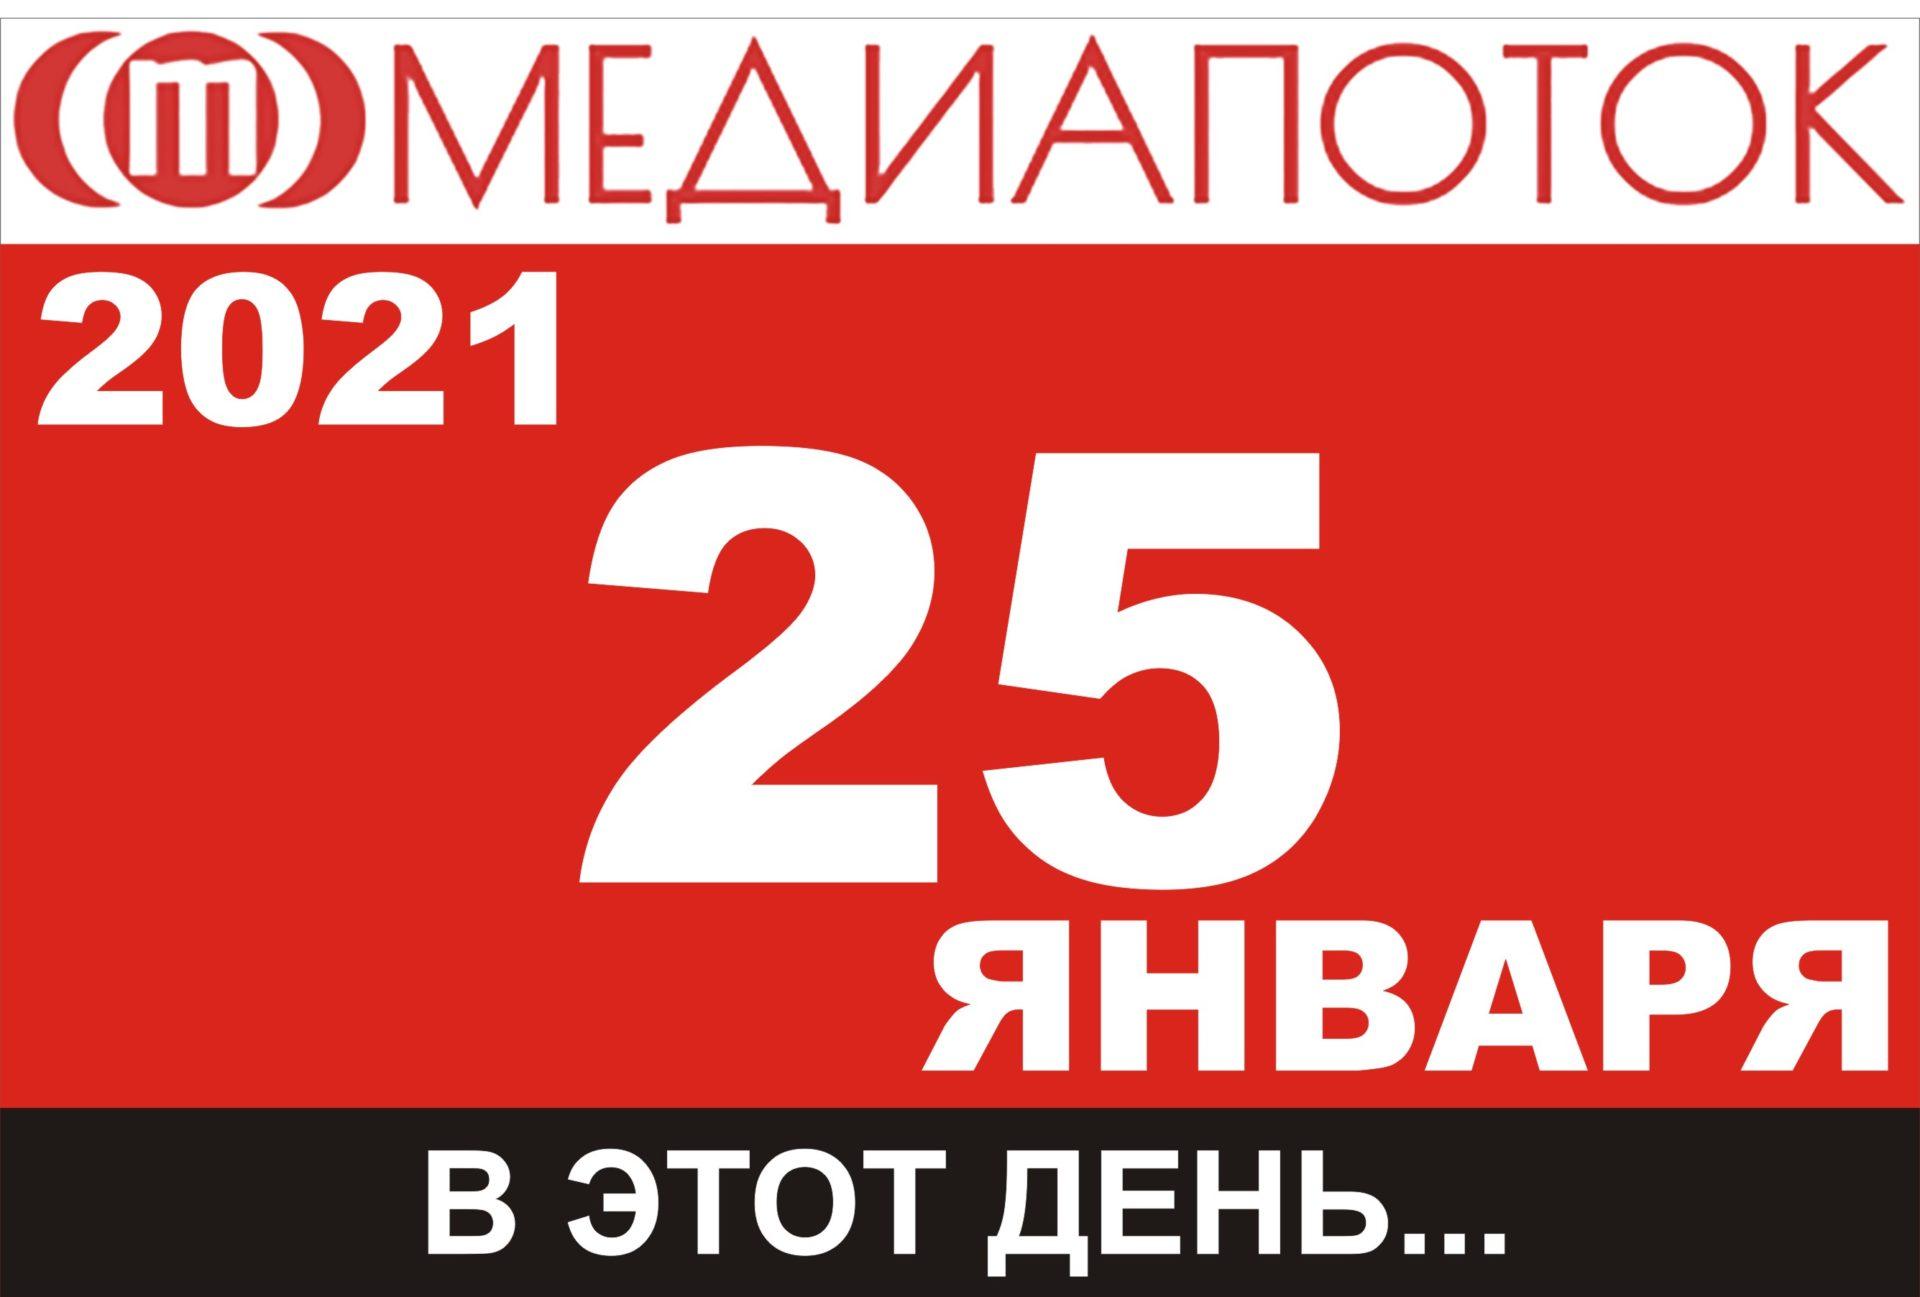 25 января - этот день в календаре